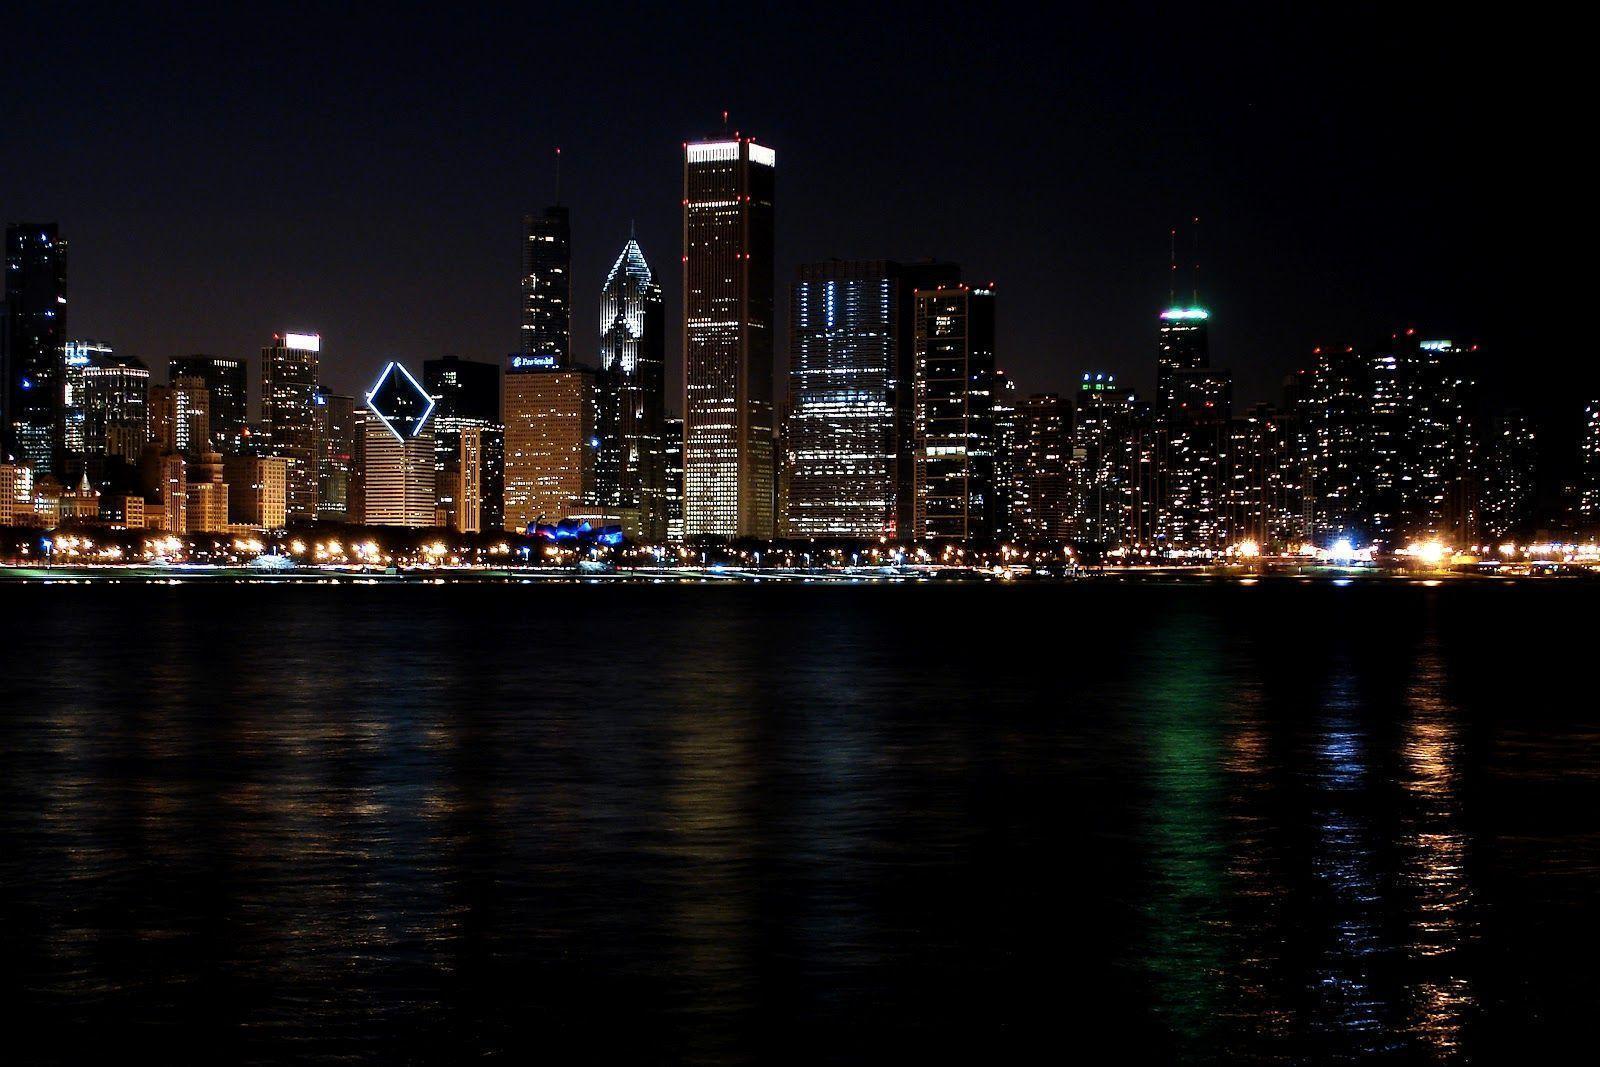 chicago night skyline wallpaper -#main